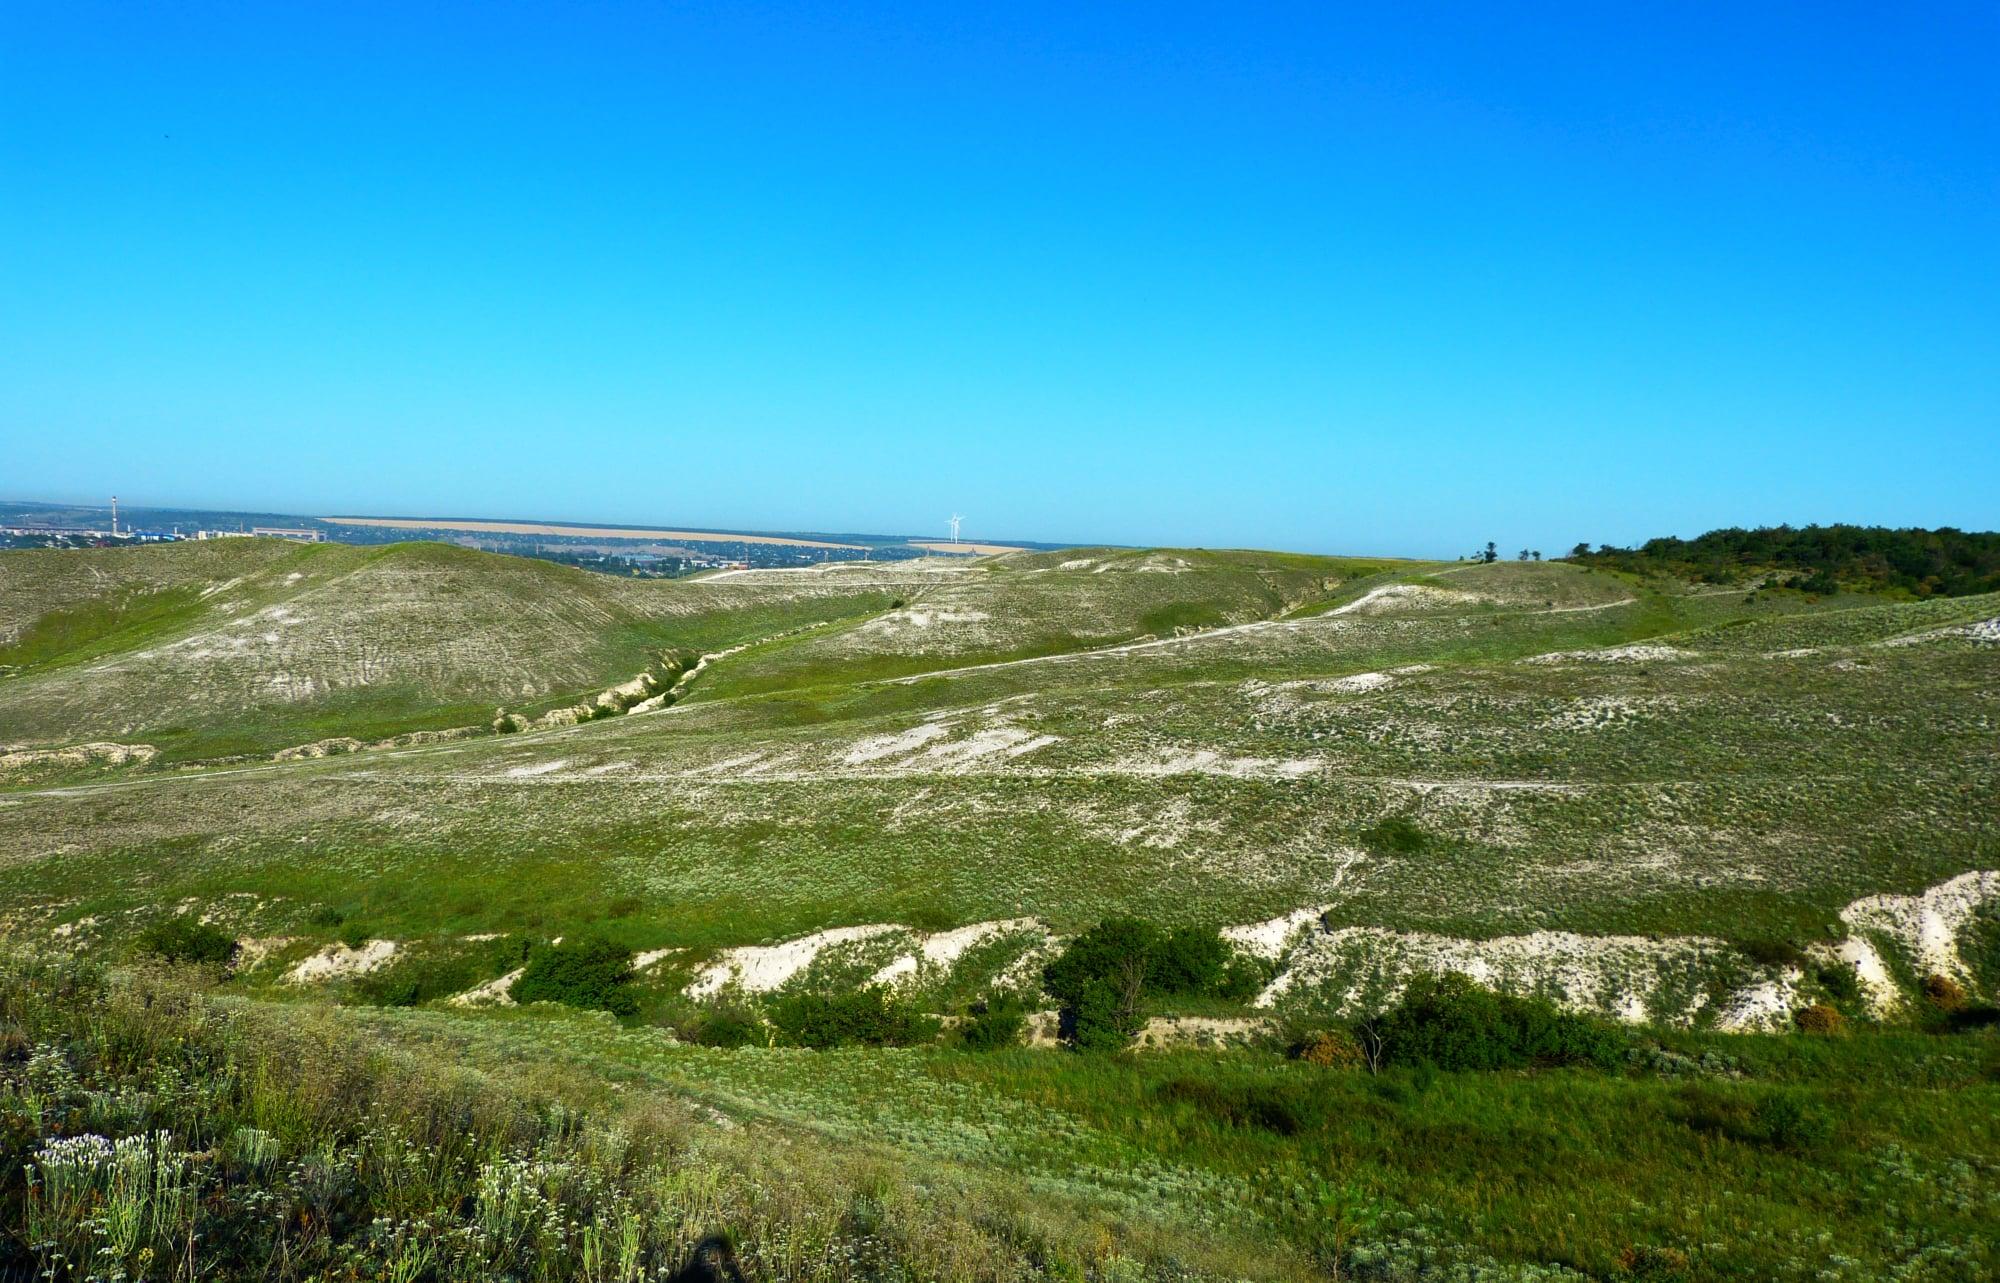 Рослини в степу на Донеччині могли бачити динозаврів — еколог (ФОТО)